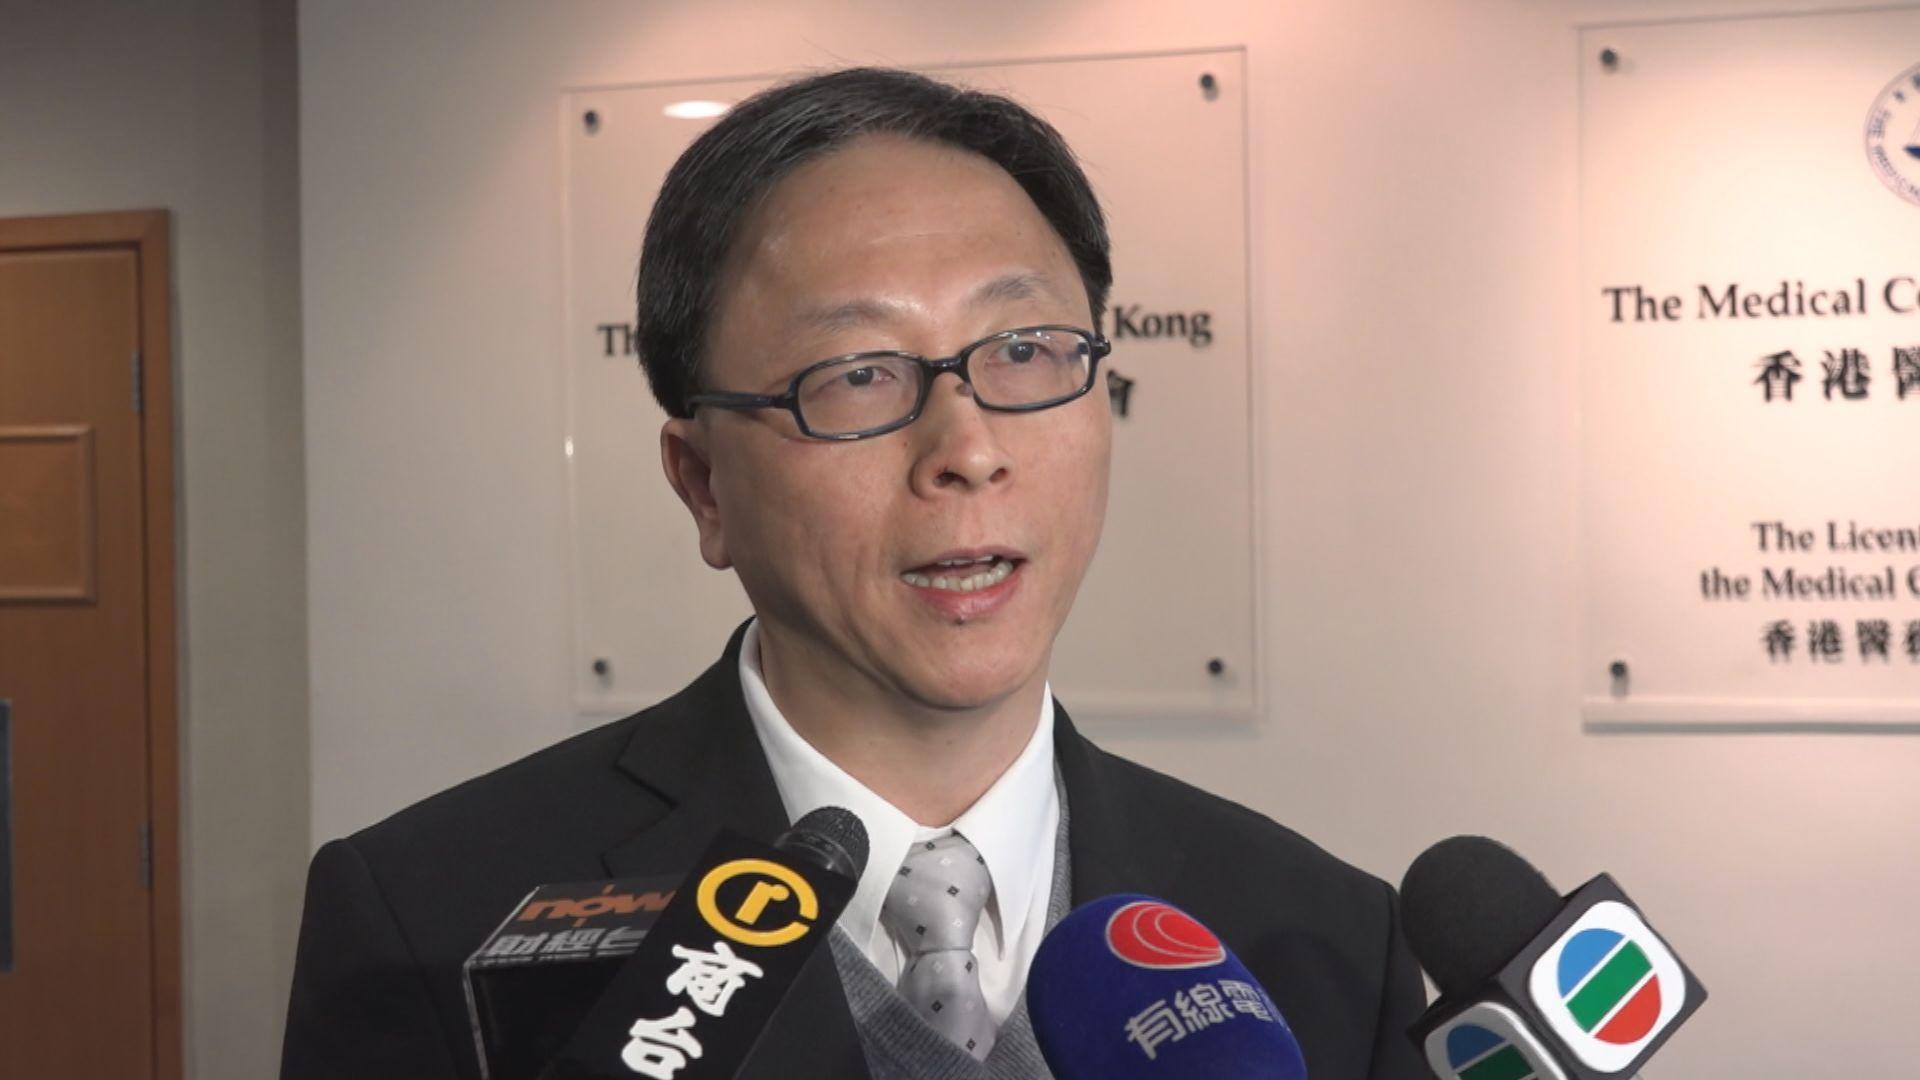 何栢良:港疫情未受控 應以警方超級電腦追蹤患者接觸史